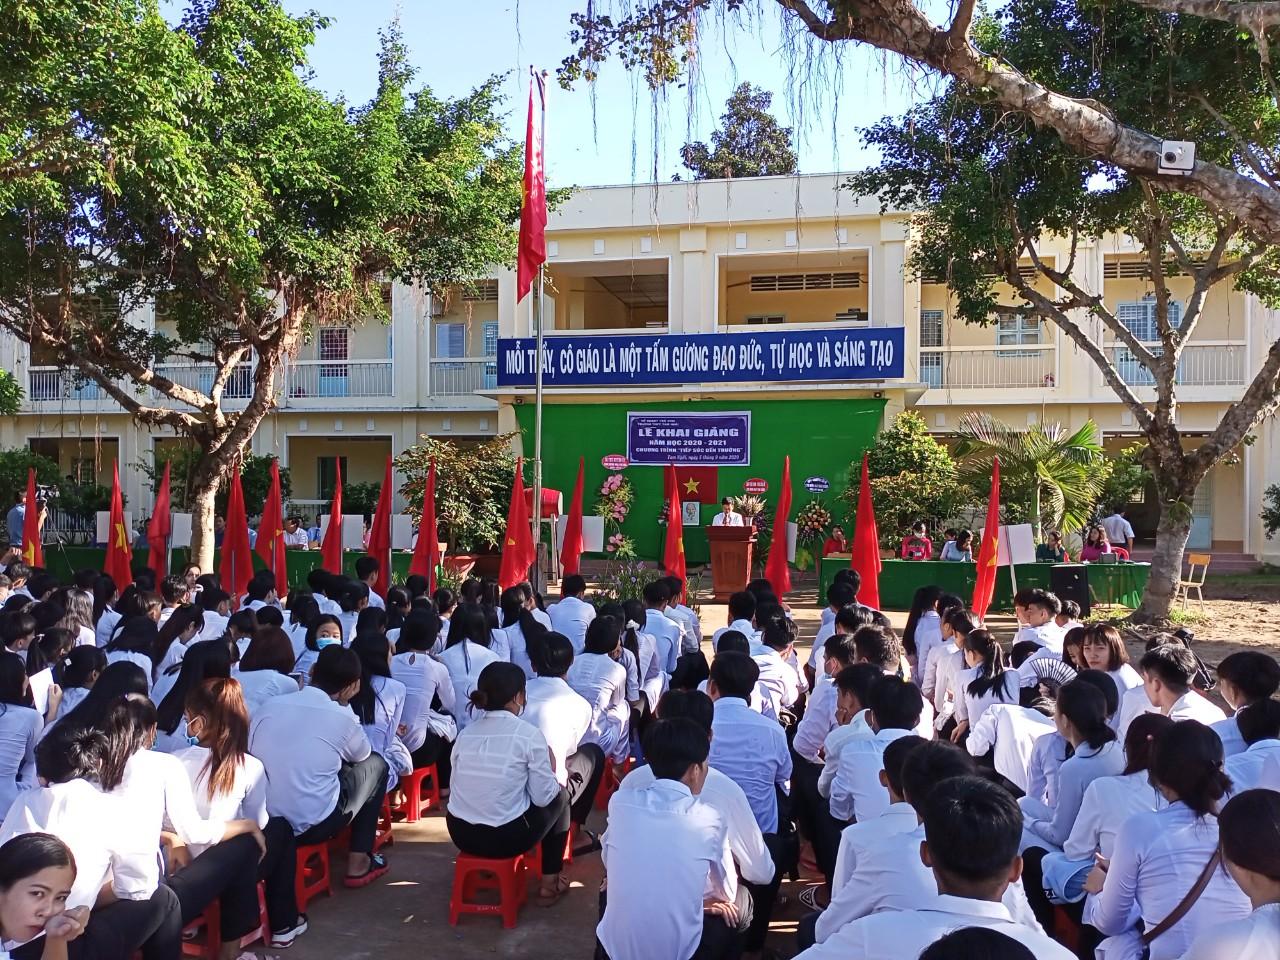 Trường THPT Tam Ngãi tổ chức Lễ khai giảng năm học 2020 – 2021